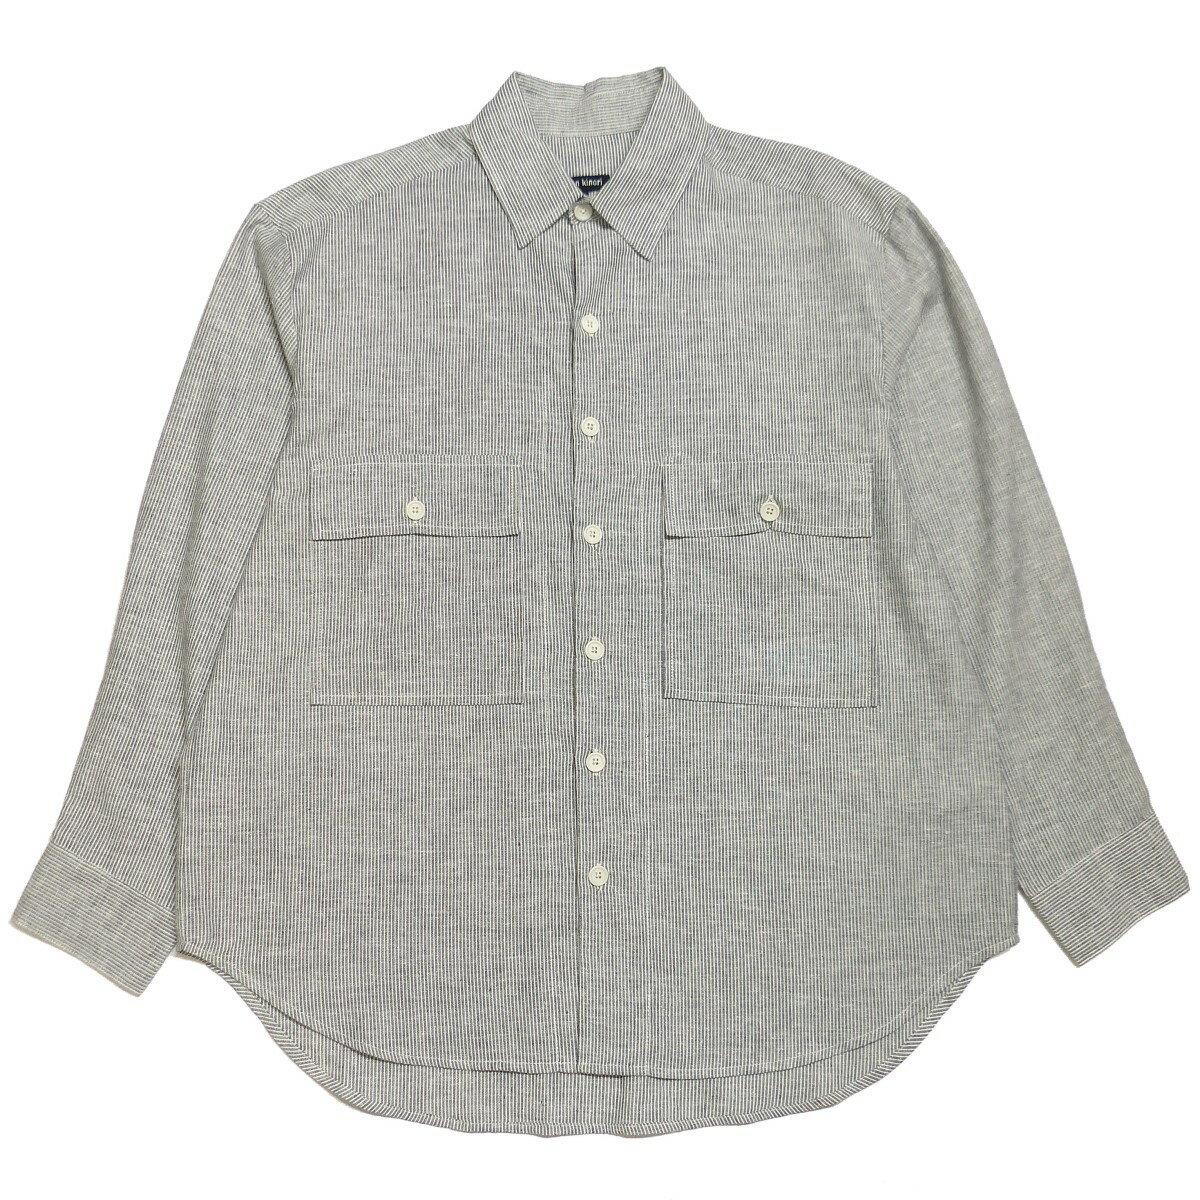 トップス, カジュアルシャツ evan kinori 2021SS Big Shirt-Organic CottonHemp Ticking M 010621